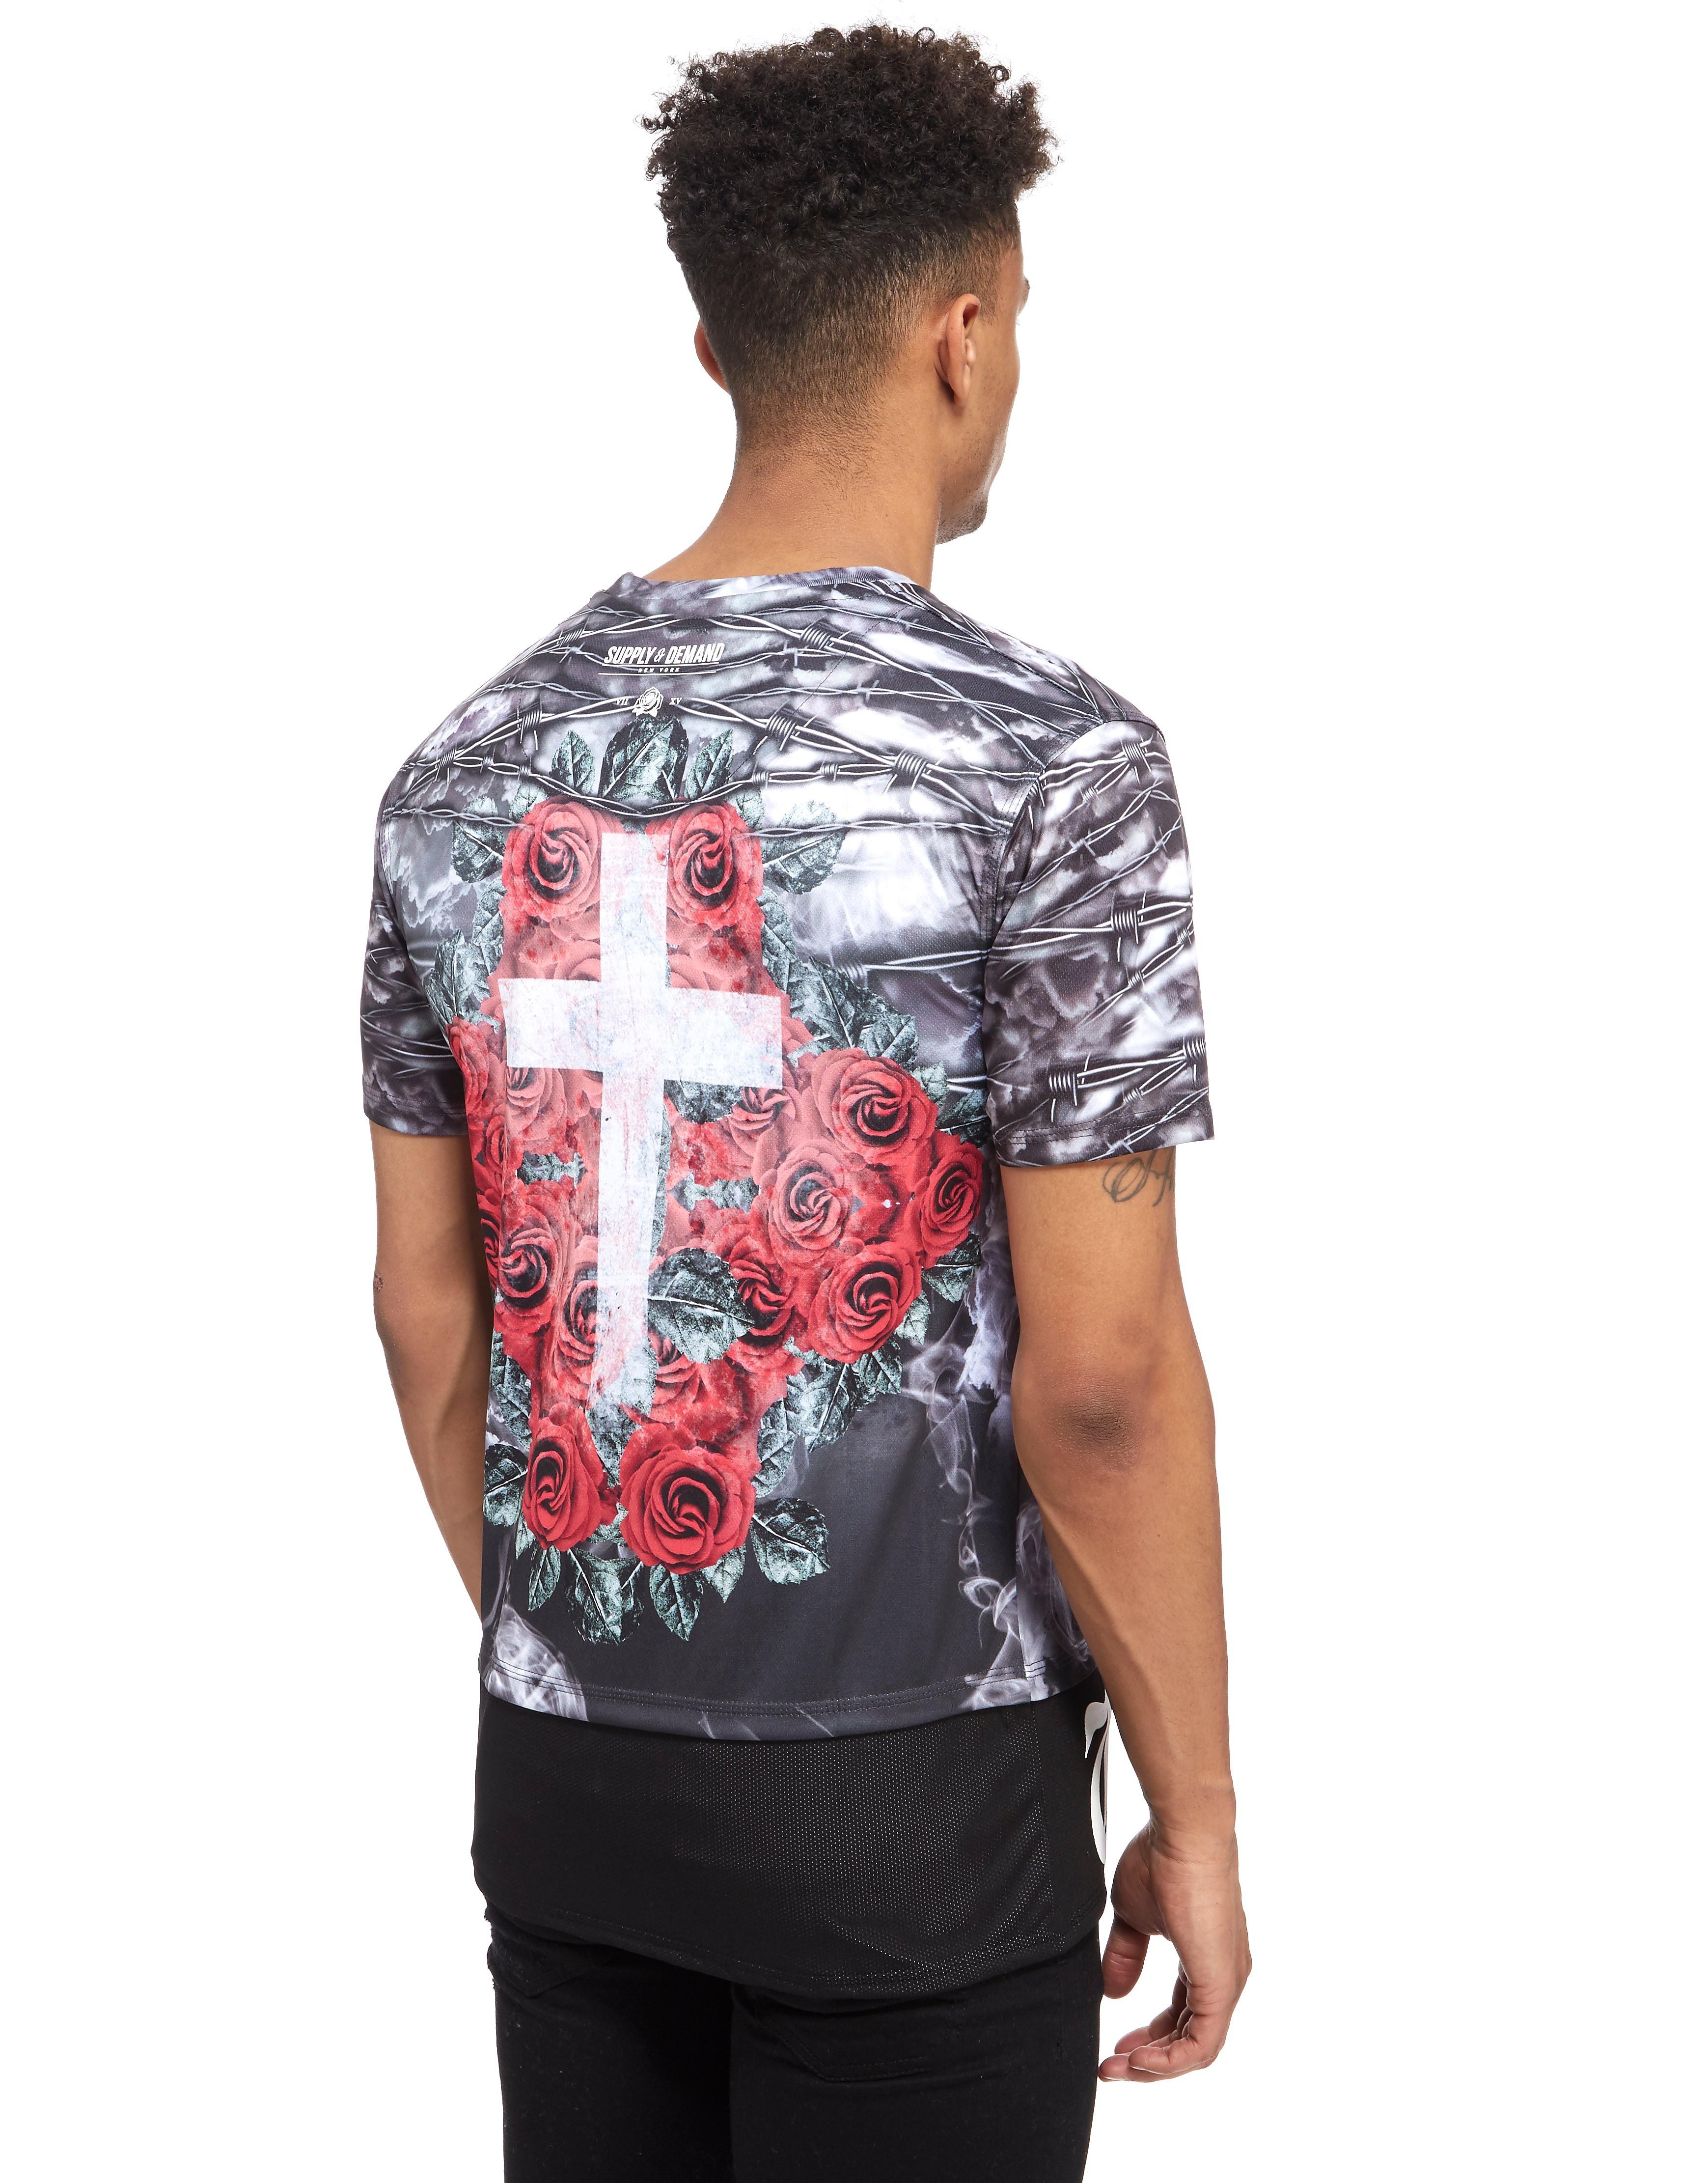 Supply & Demand Respect T-Shirt